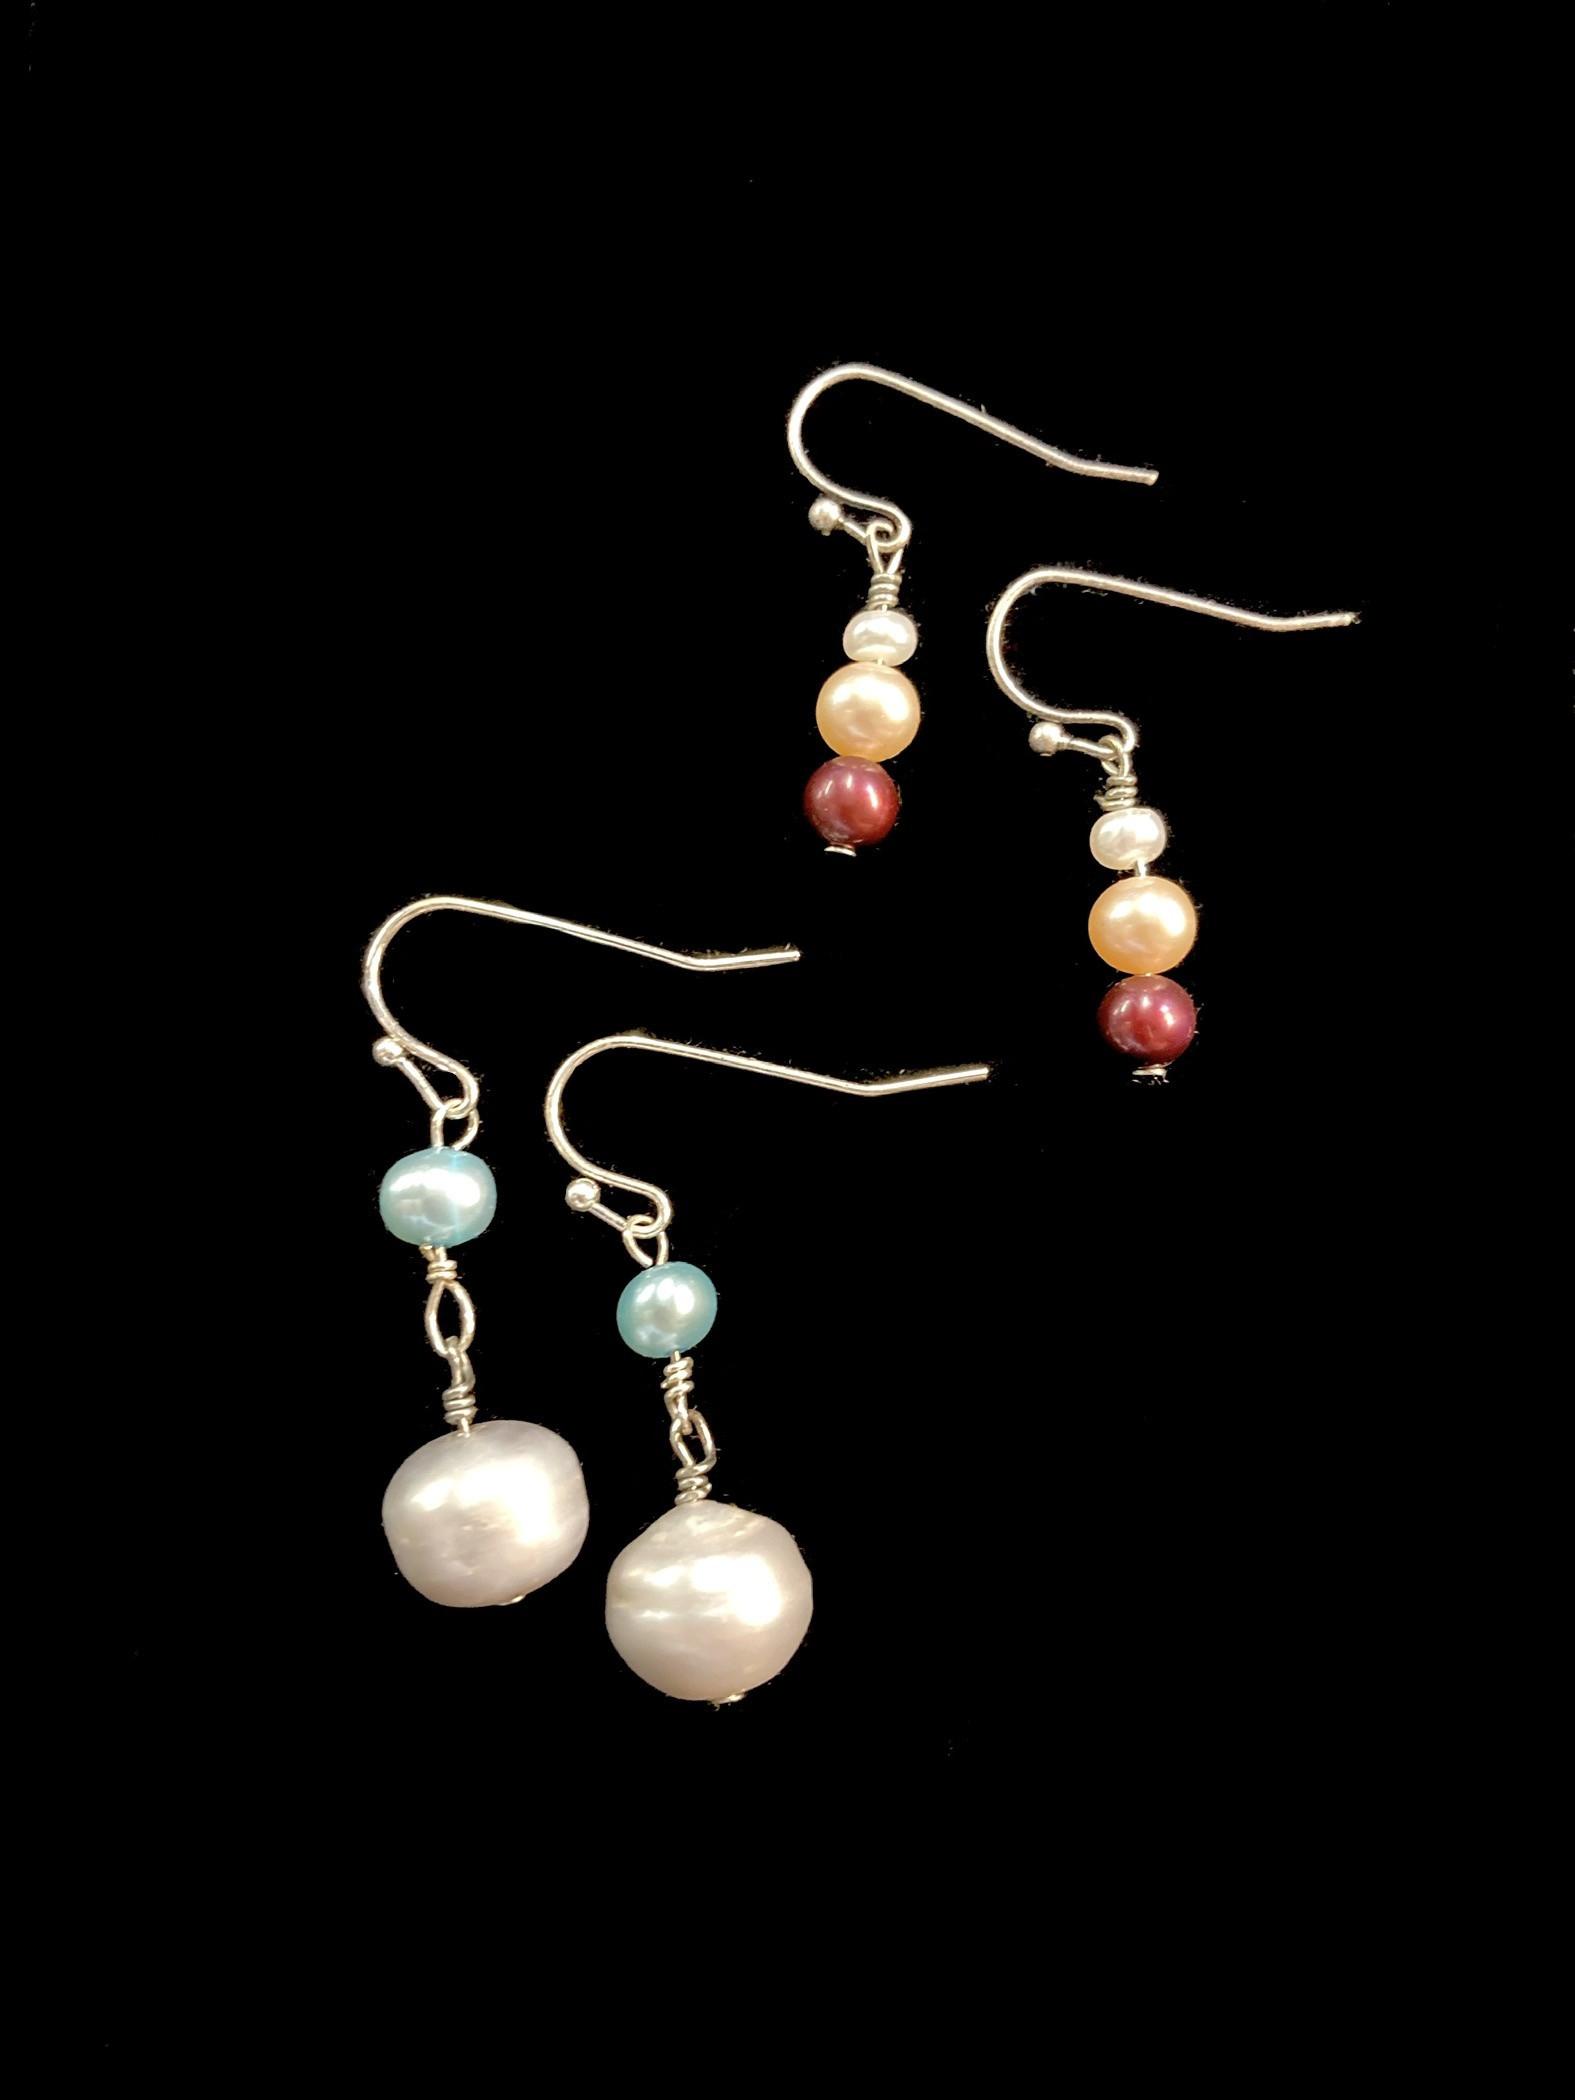 Spring Pearl Earrings